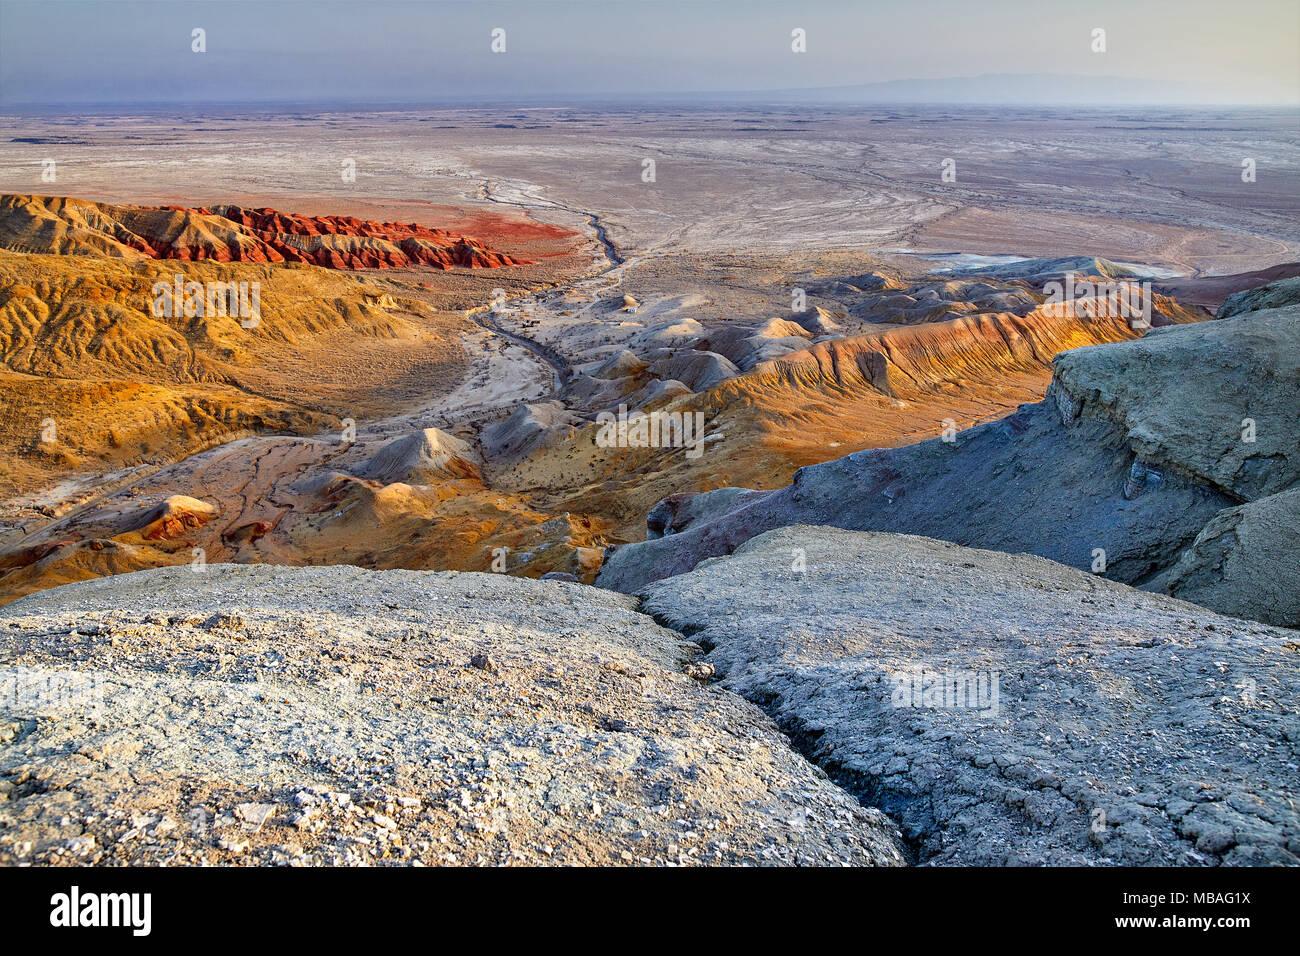 Luftaufnahme von bizarr übereinander geschichteten Berge im Desert Park Altyn Emel in Kasachstan Stockbild